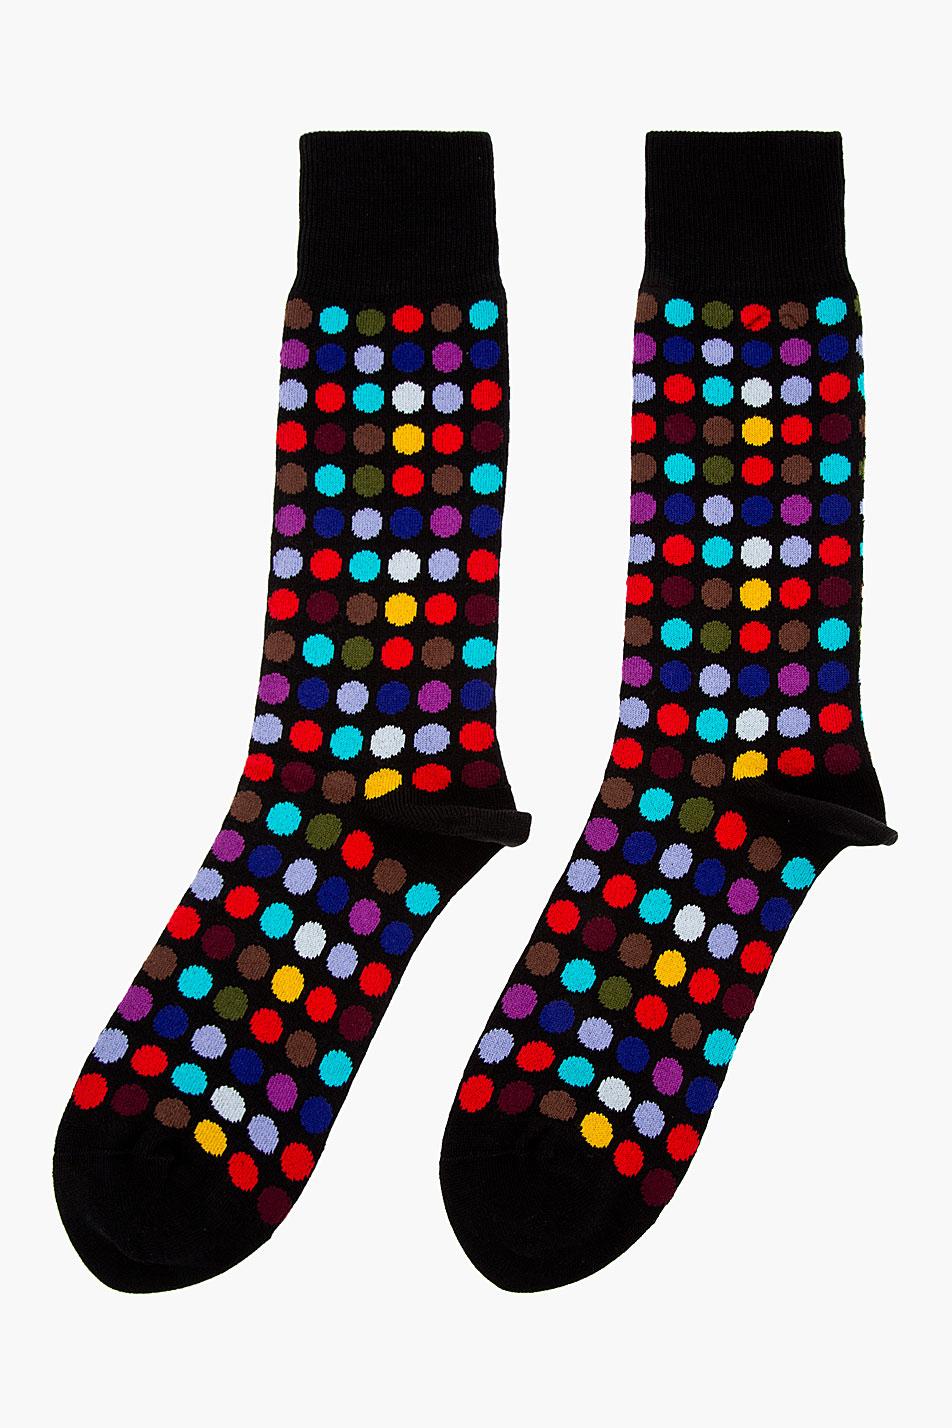 Paul Smith Black Multicolor Polka Dot Socks In Black For